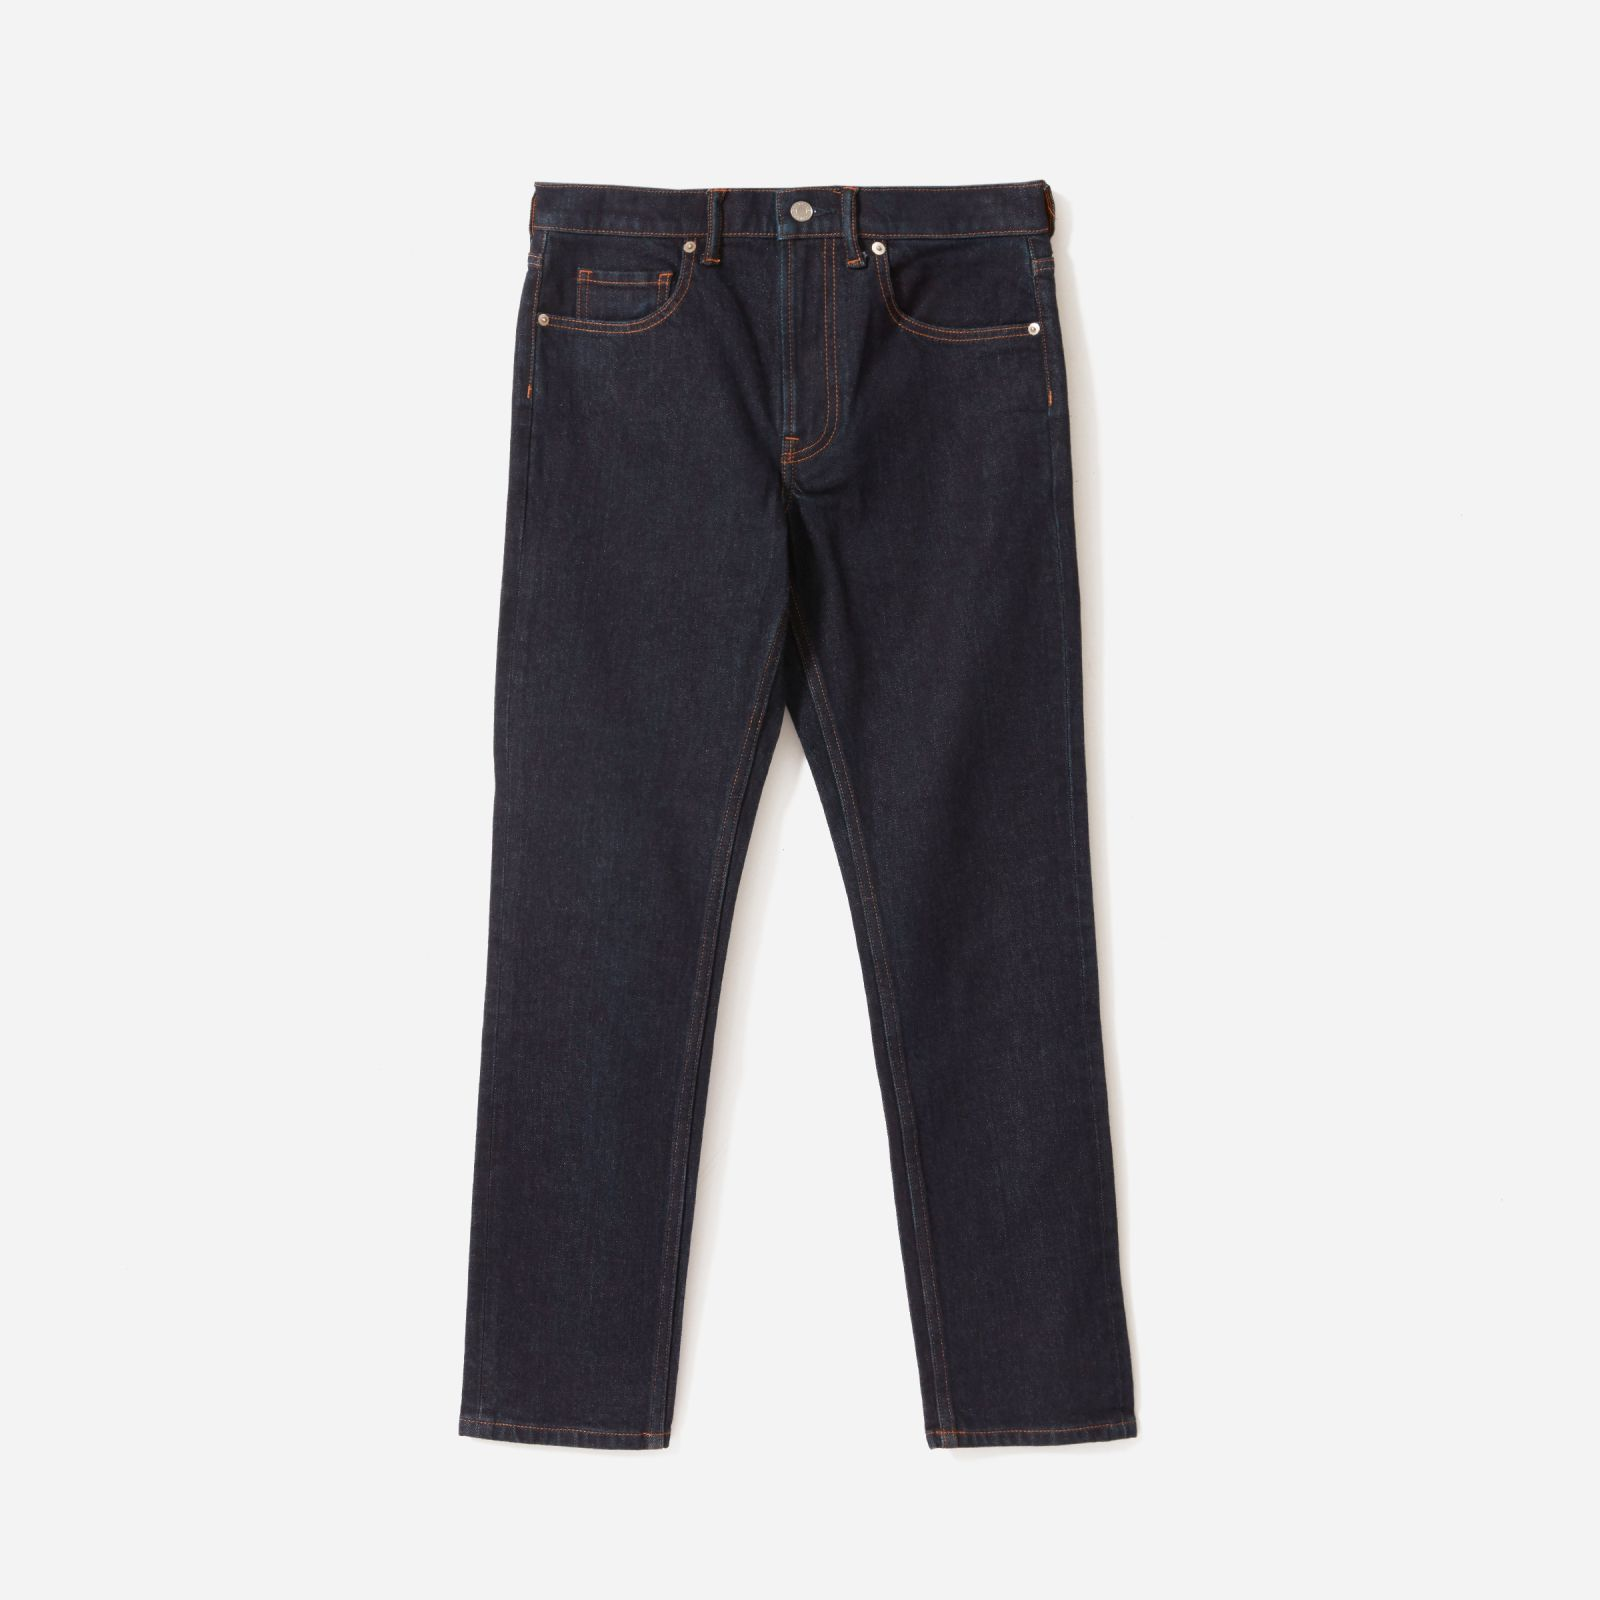 men's heavyweight slim jean by everlane in dark indigo, size 40x32